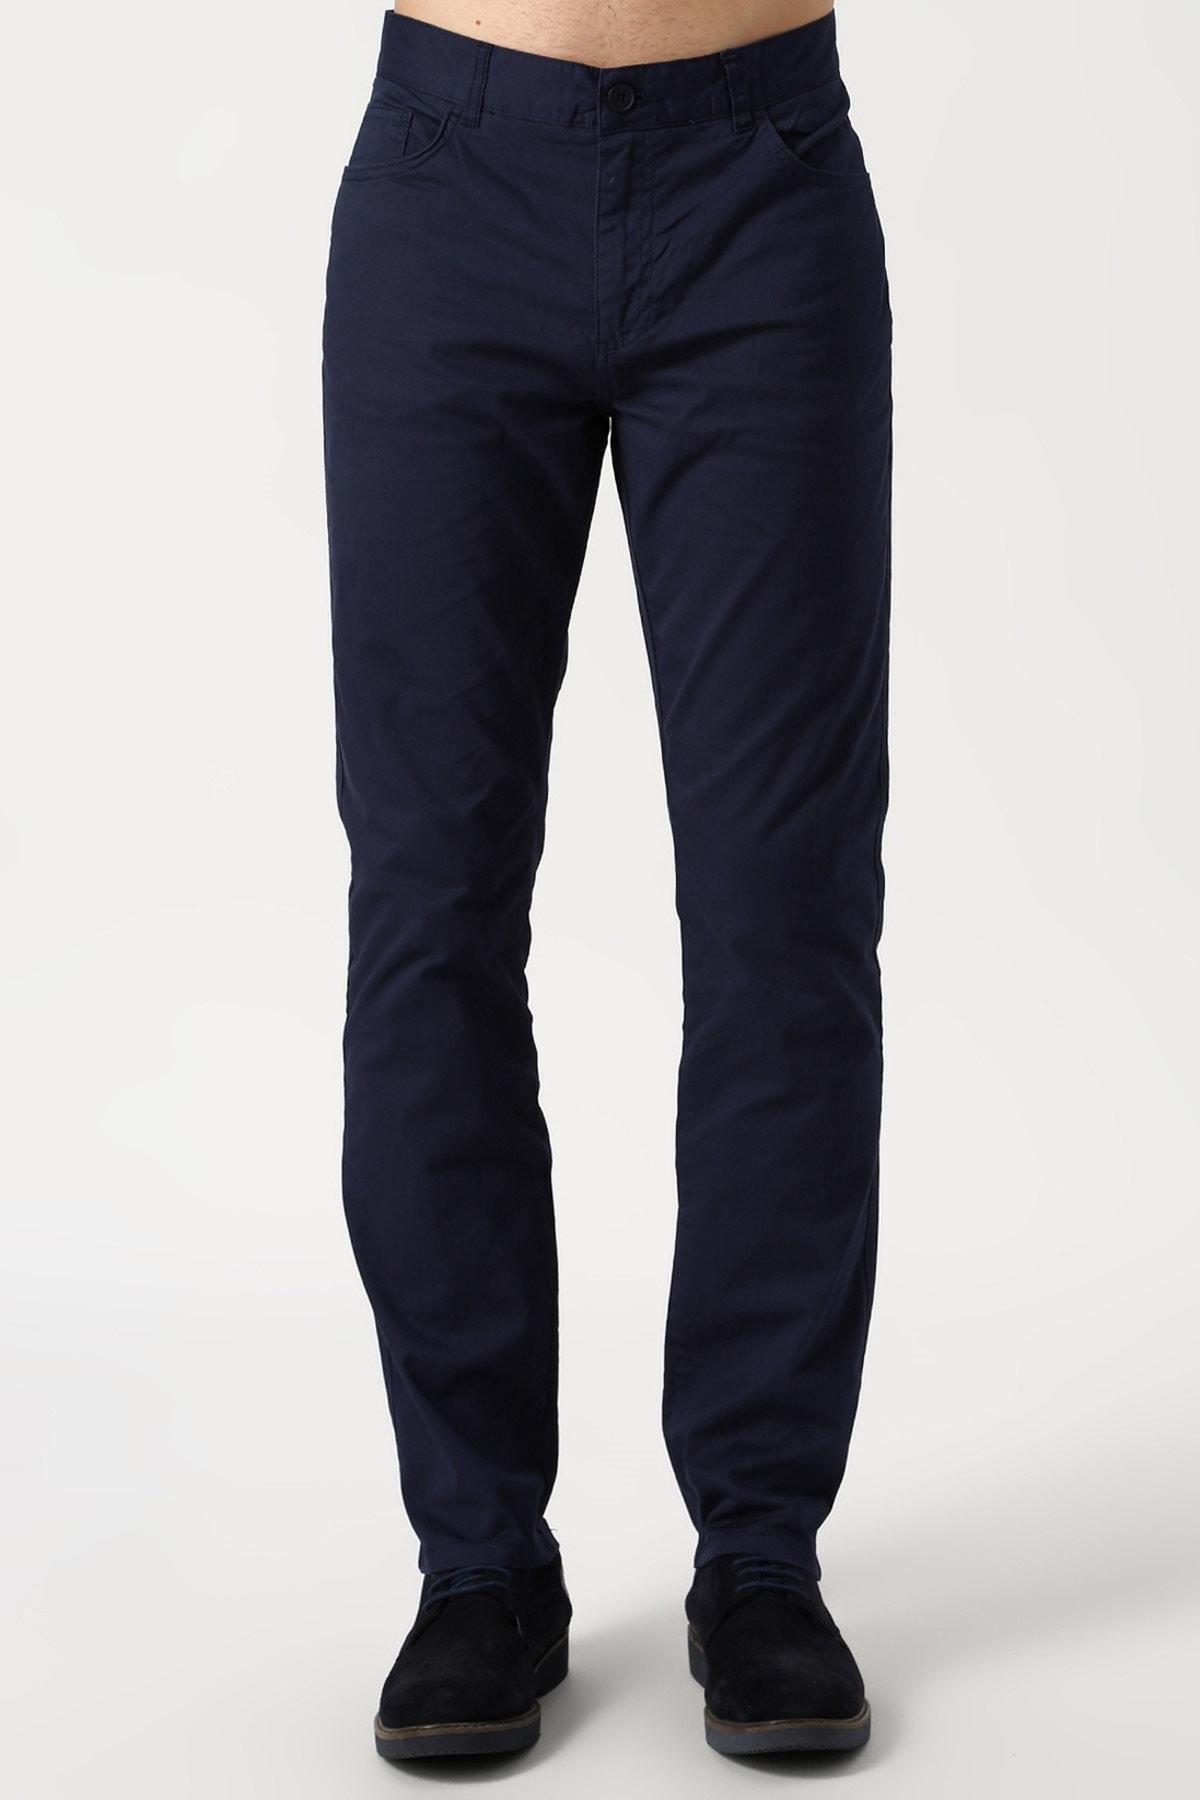 LİMON COMPANY Klasik Pantolon 2